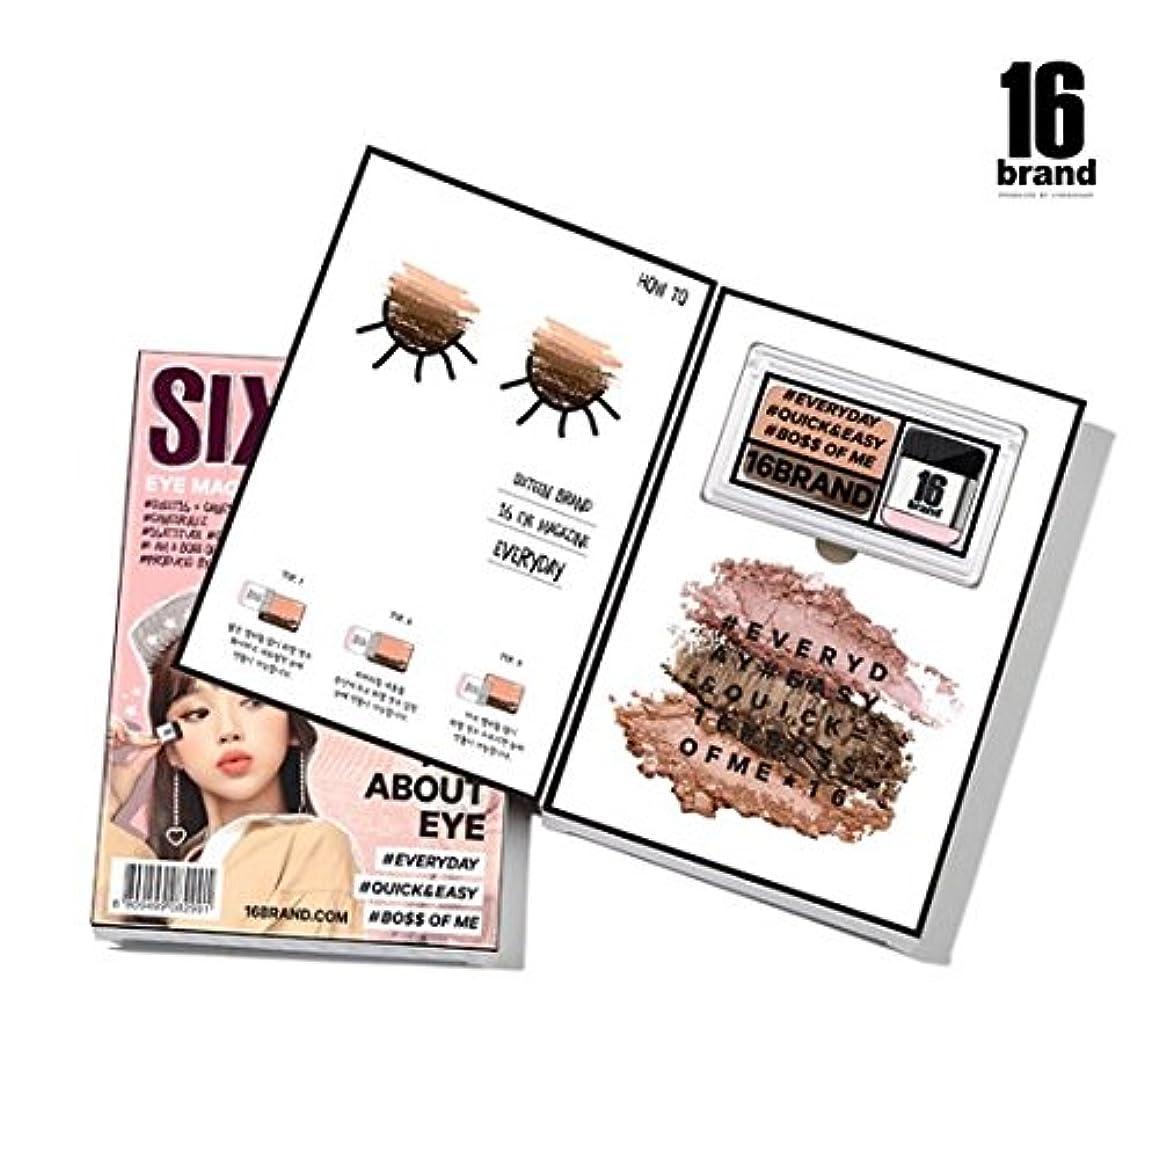 決めます似ている吸収16brand Sixteen Eye Magazine Everyday 2g/16ブランド シックスティーン アイ マガジン エブリデイ 2g [並行輸入品]